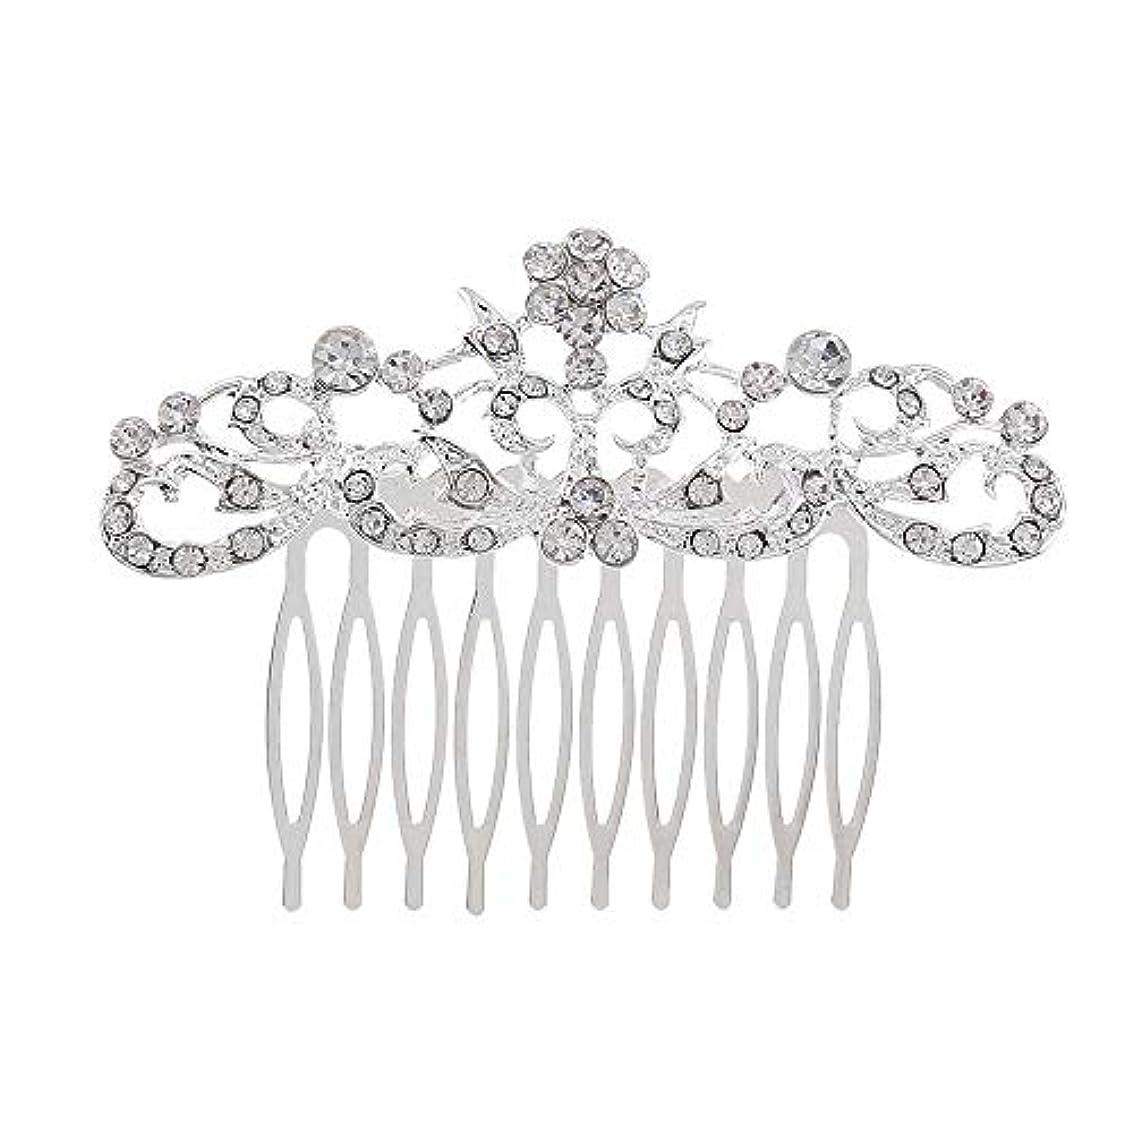 ハロウィン女性食い違い髪の櫛の櫛の櫛の花嫁の髪の櫛のファッションラインストーンの櫛の櫛の花嫁の頭飾りの結婚式のアクセサリー